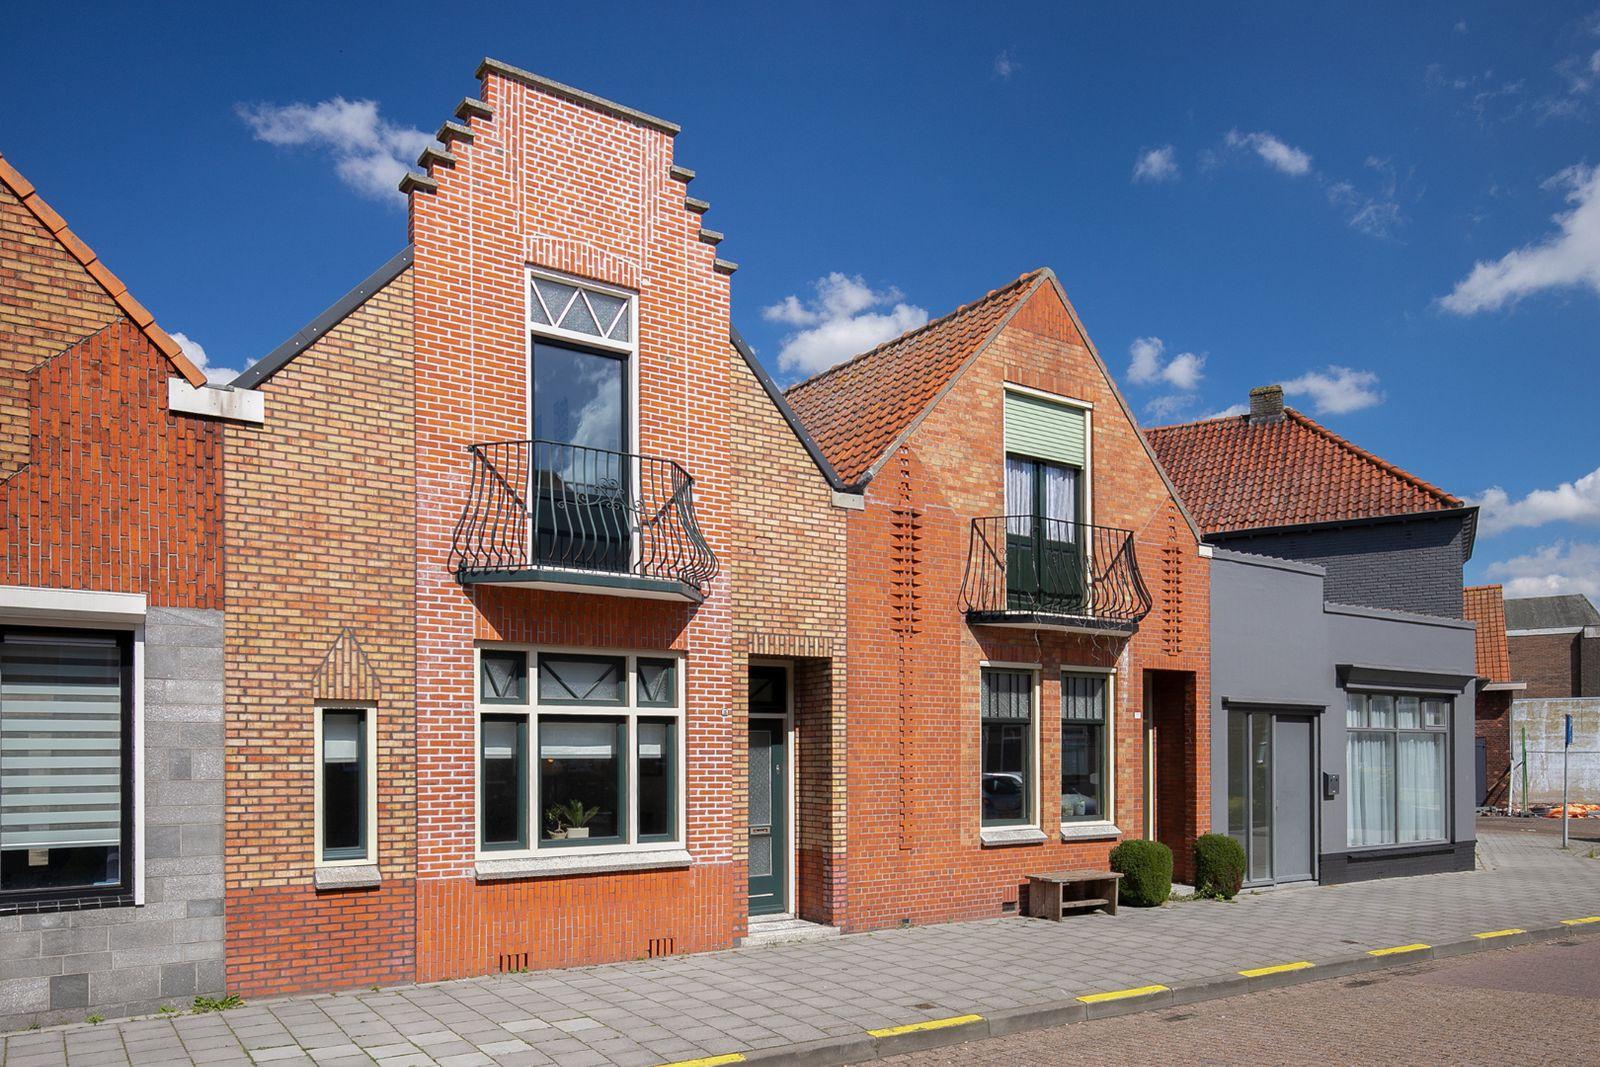 Wilhelminalaan 16, Sas van Gent